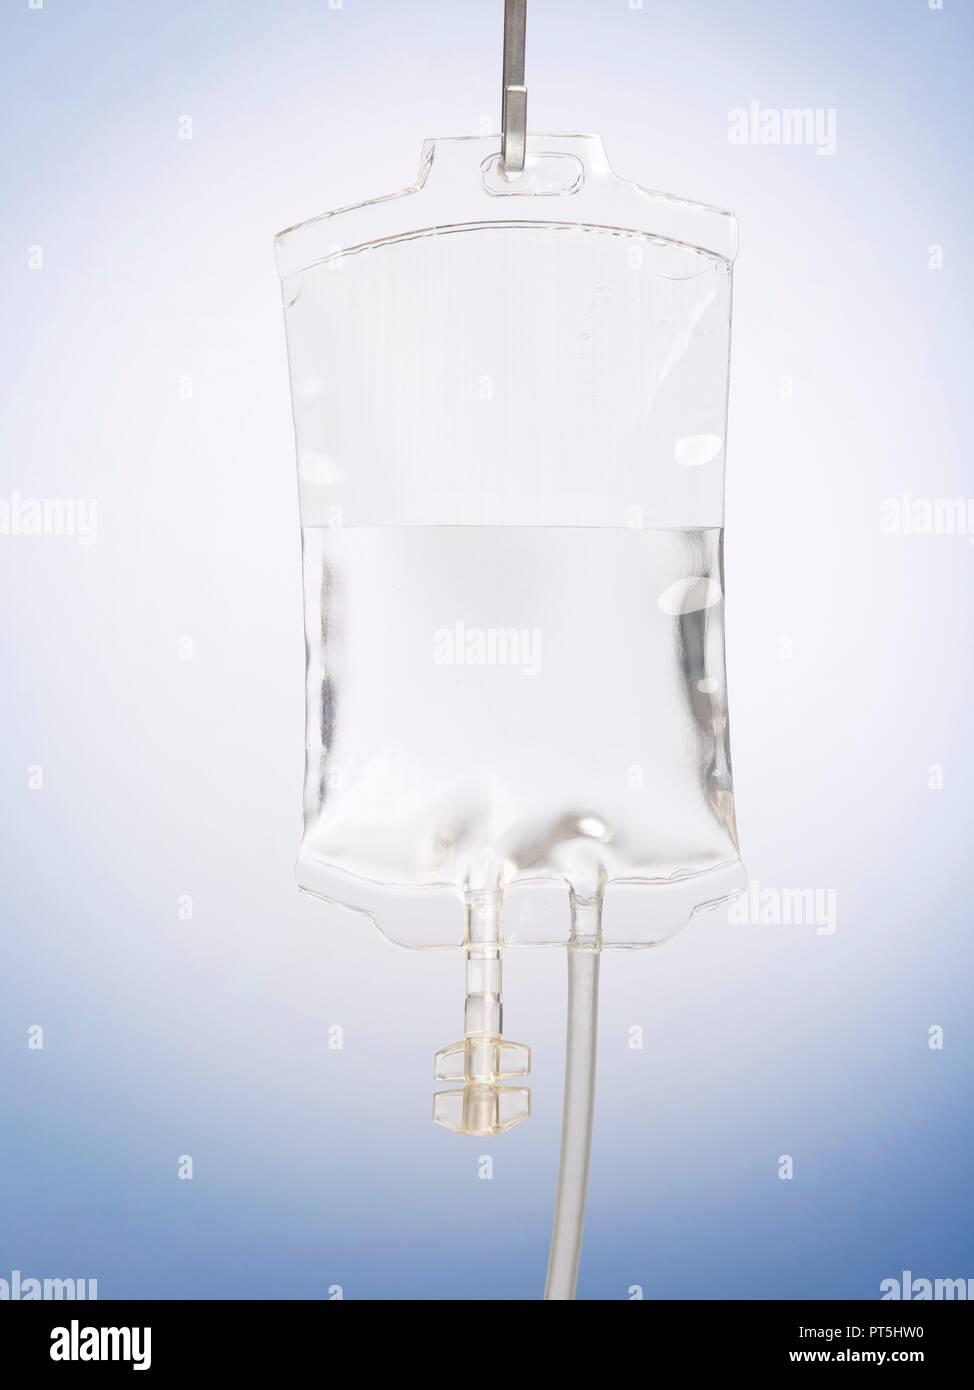 Intravenous drip against a plain background. - Stock Image